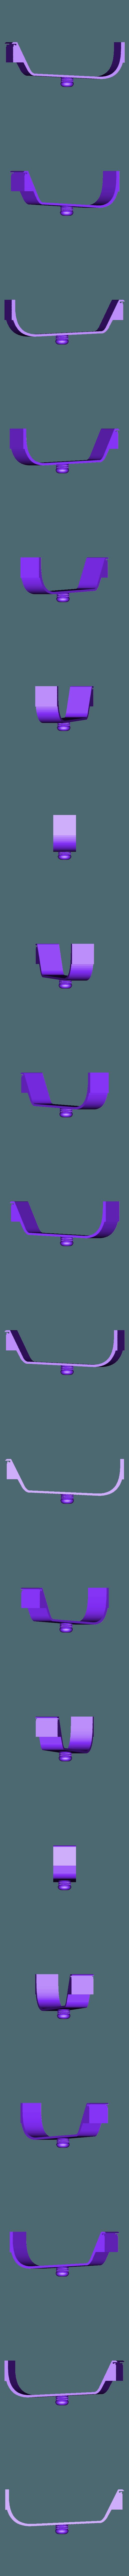 """devidoir_part_centre01.STL Télécharger fichier STL gratuit Dévidoir à scotch """"Monsteranimal T-Rex"""" • Modèle imprimable en 3D, Tibe-Design"""